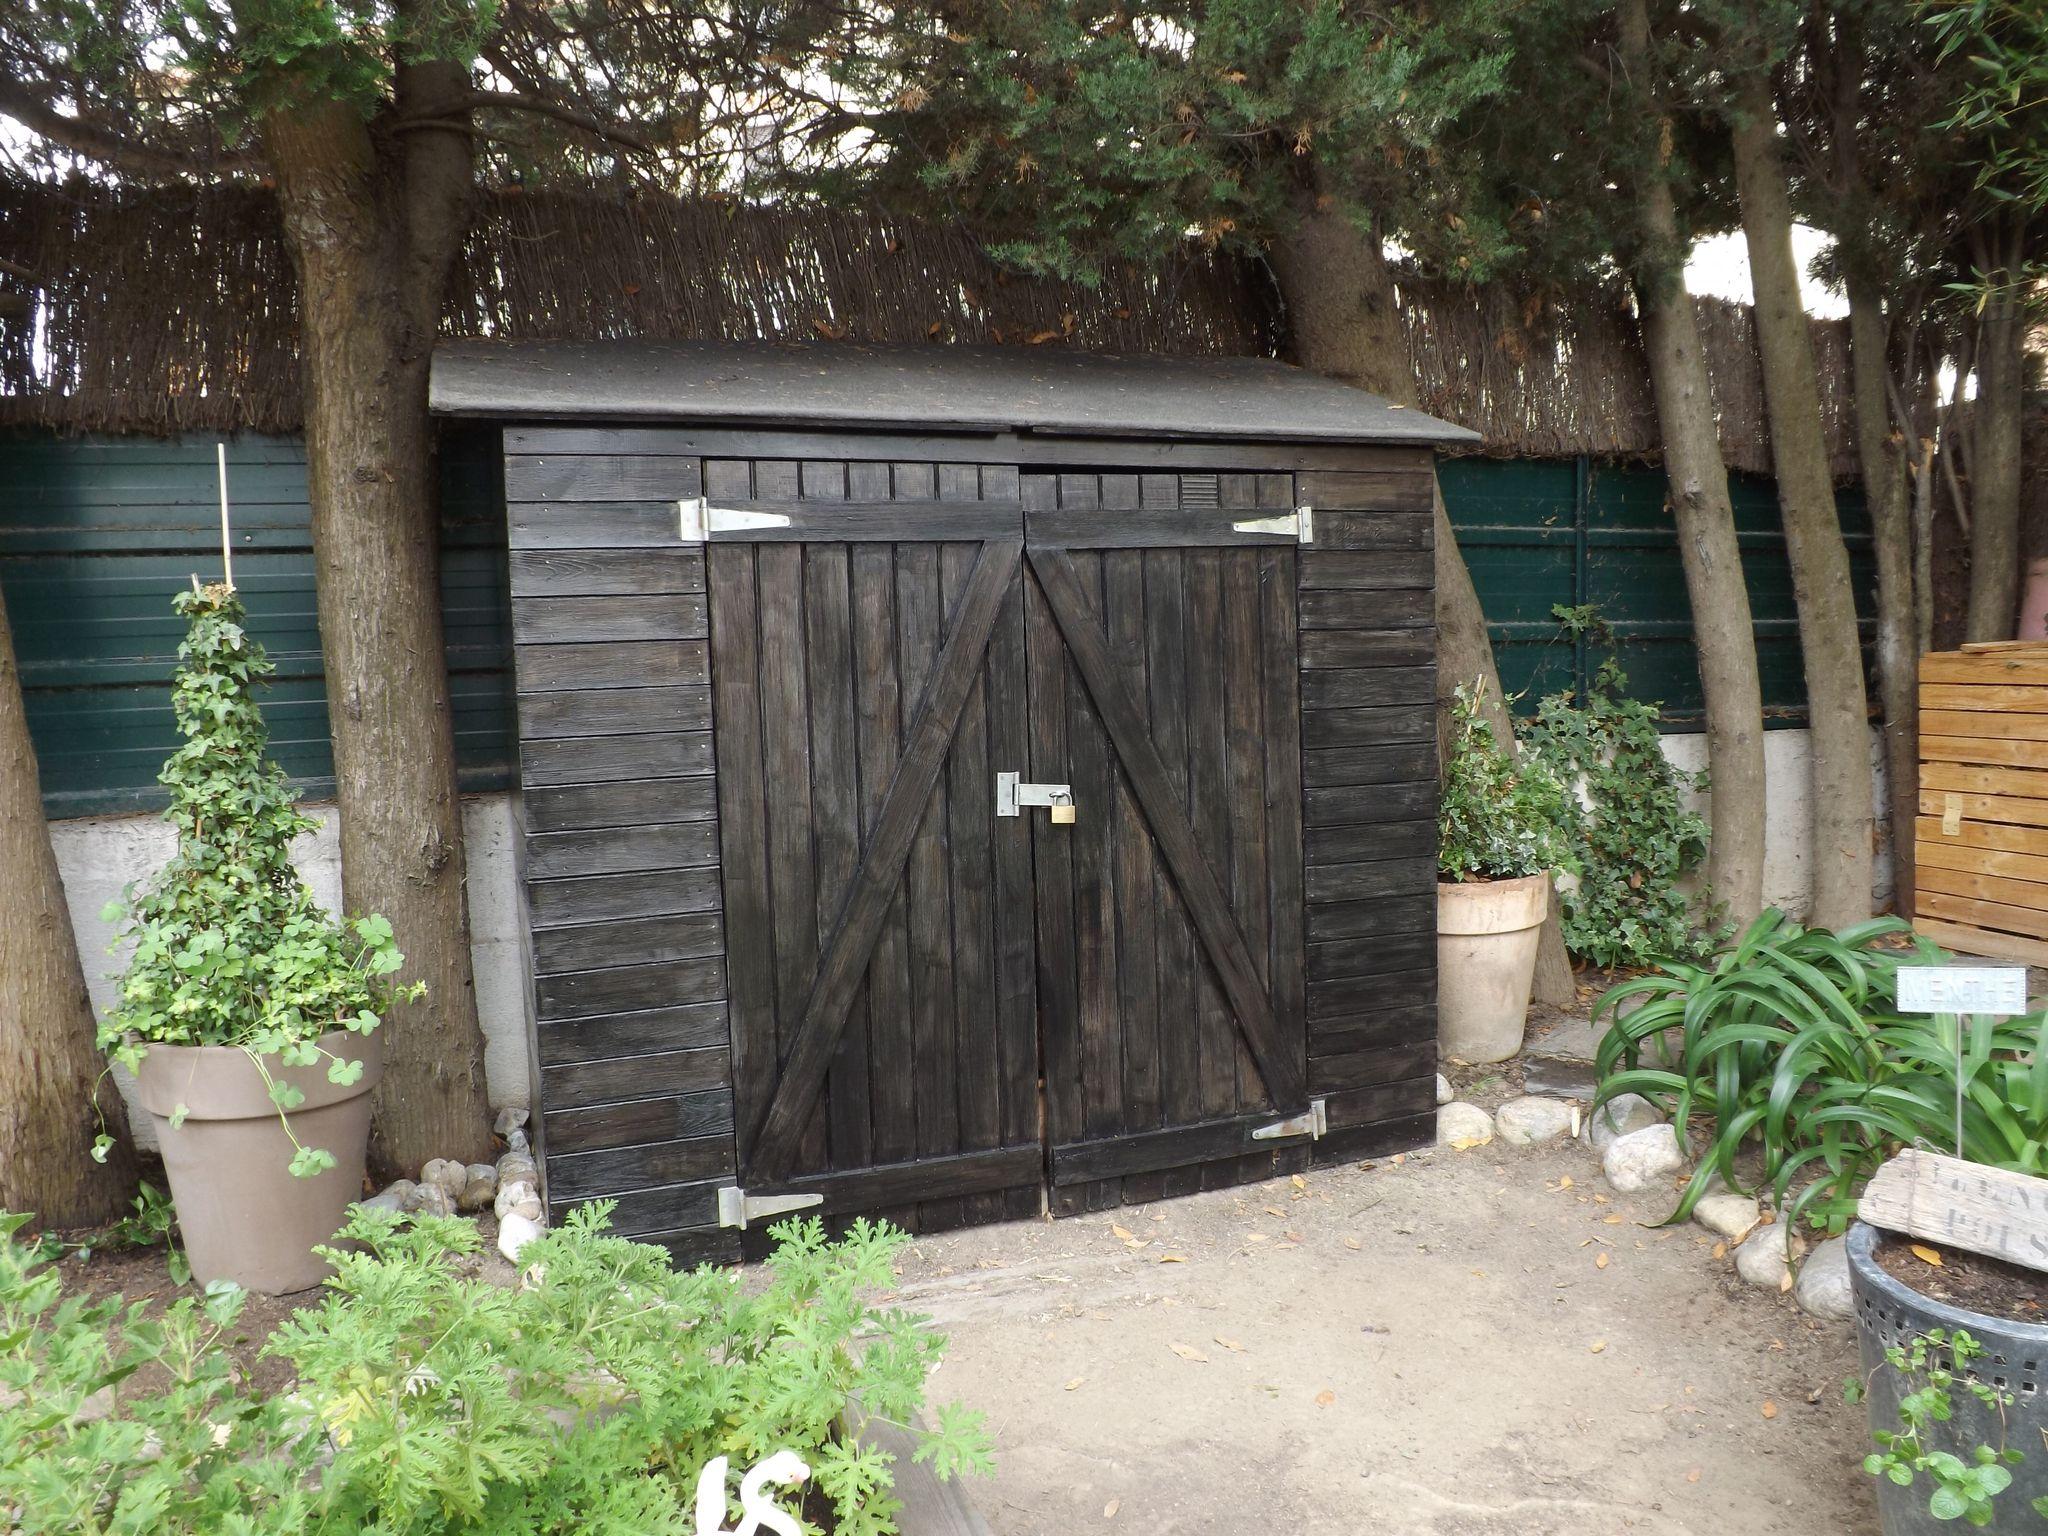 13+ Jardin de catherine abri de jardin ideas in 2021